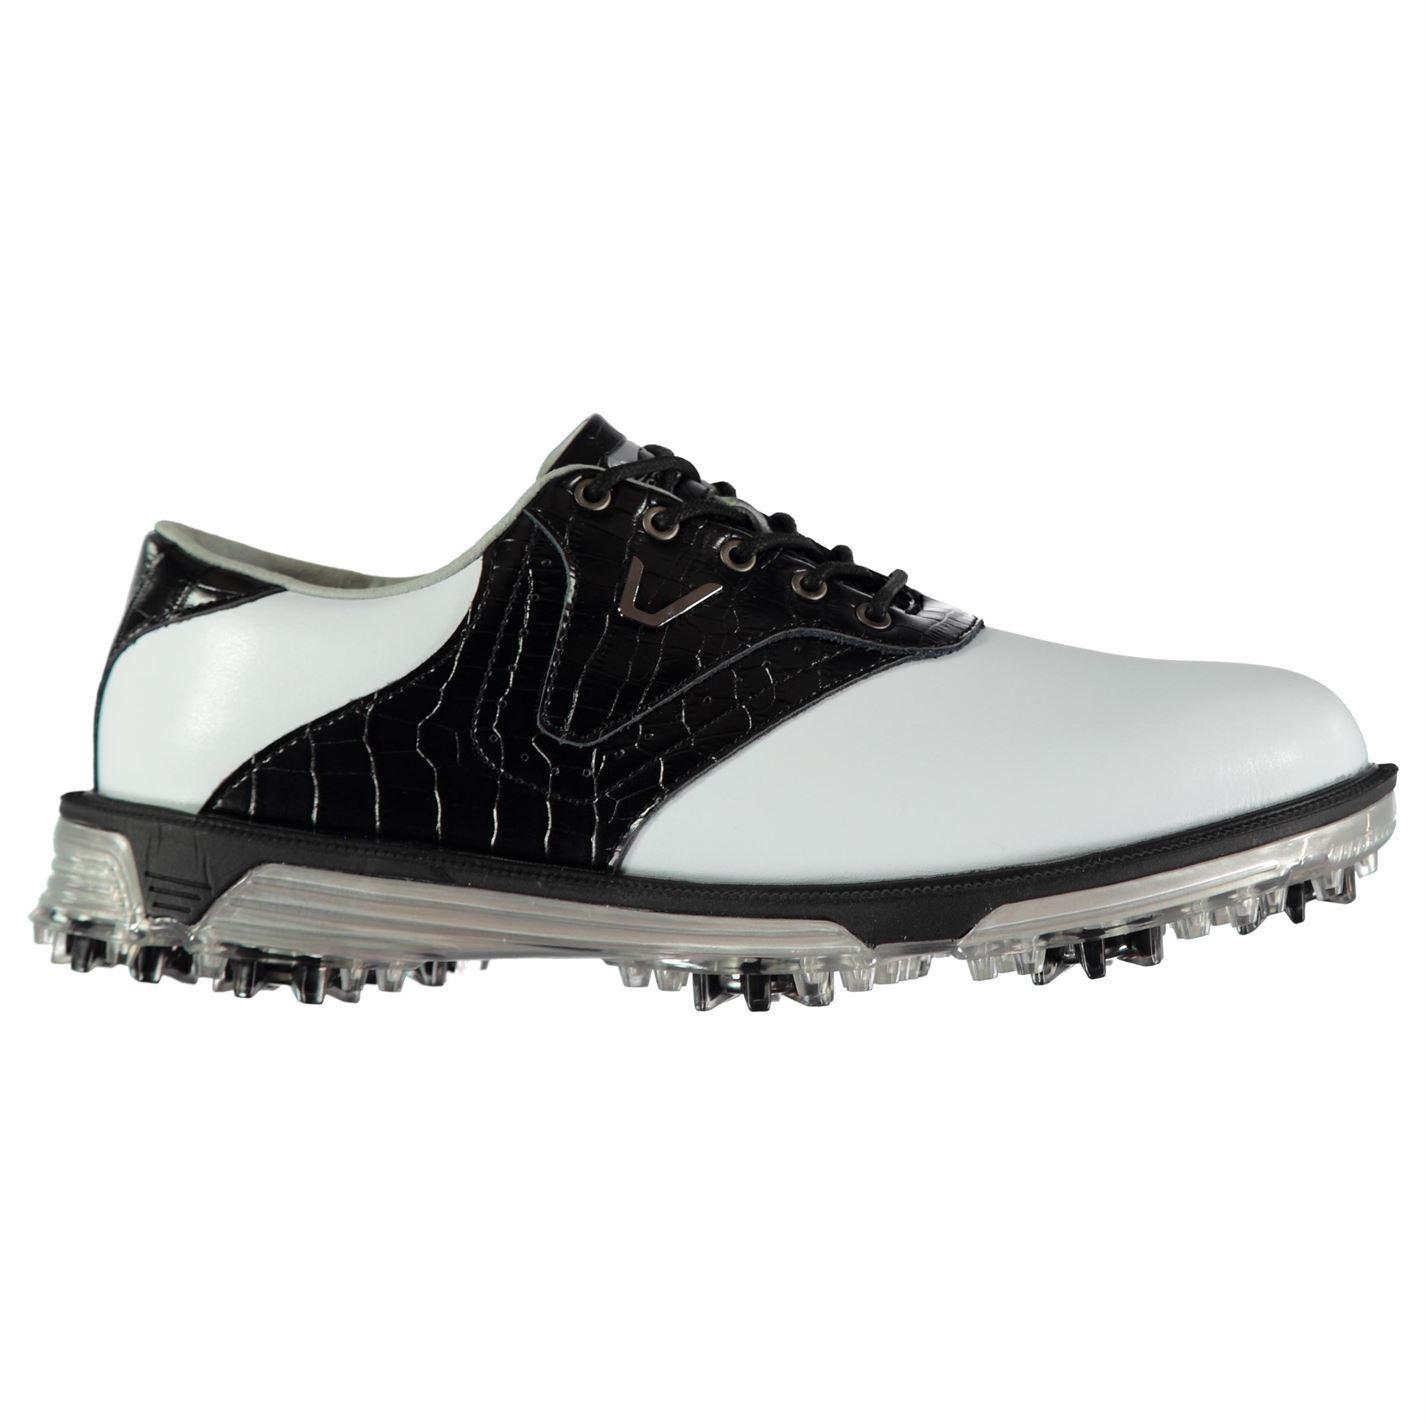 Slazenger-V500-Golf-Shoes-Mens-Spikes-Footwear thumbnail 18